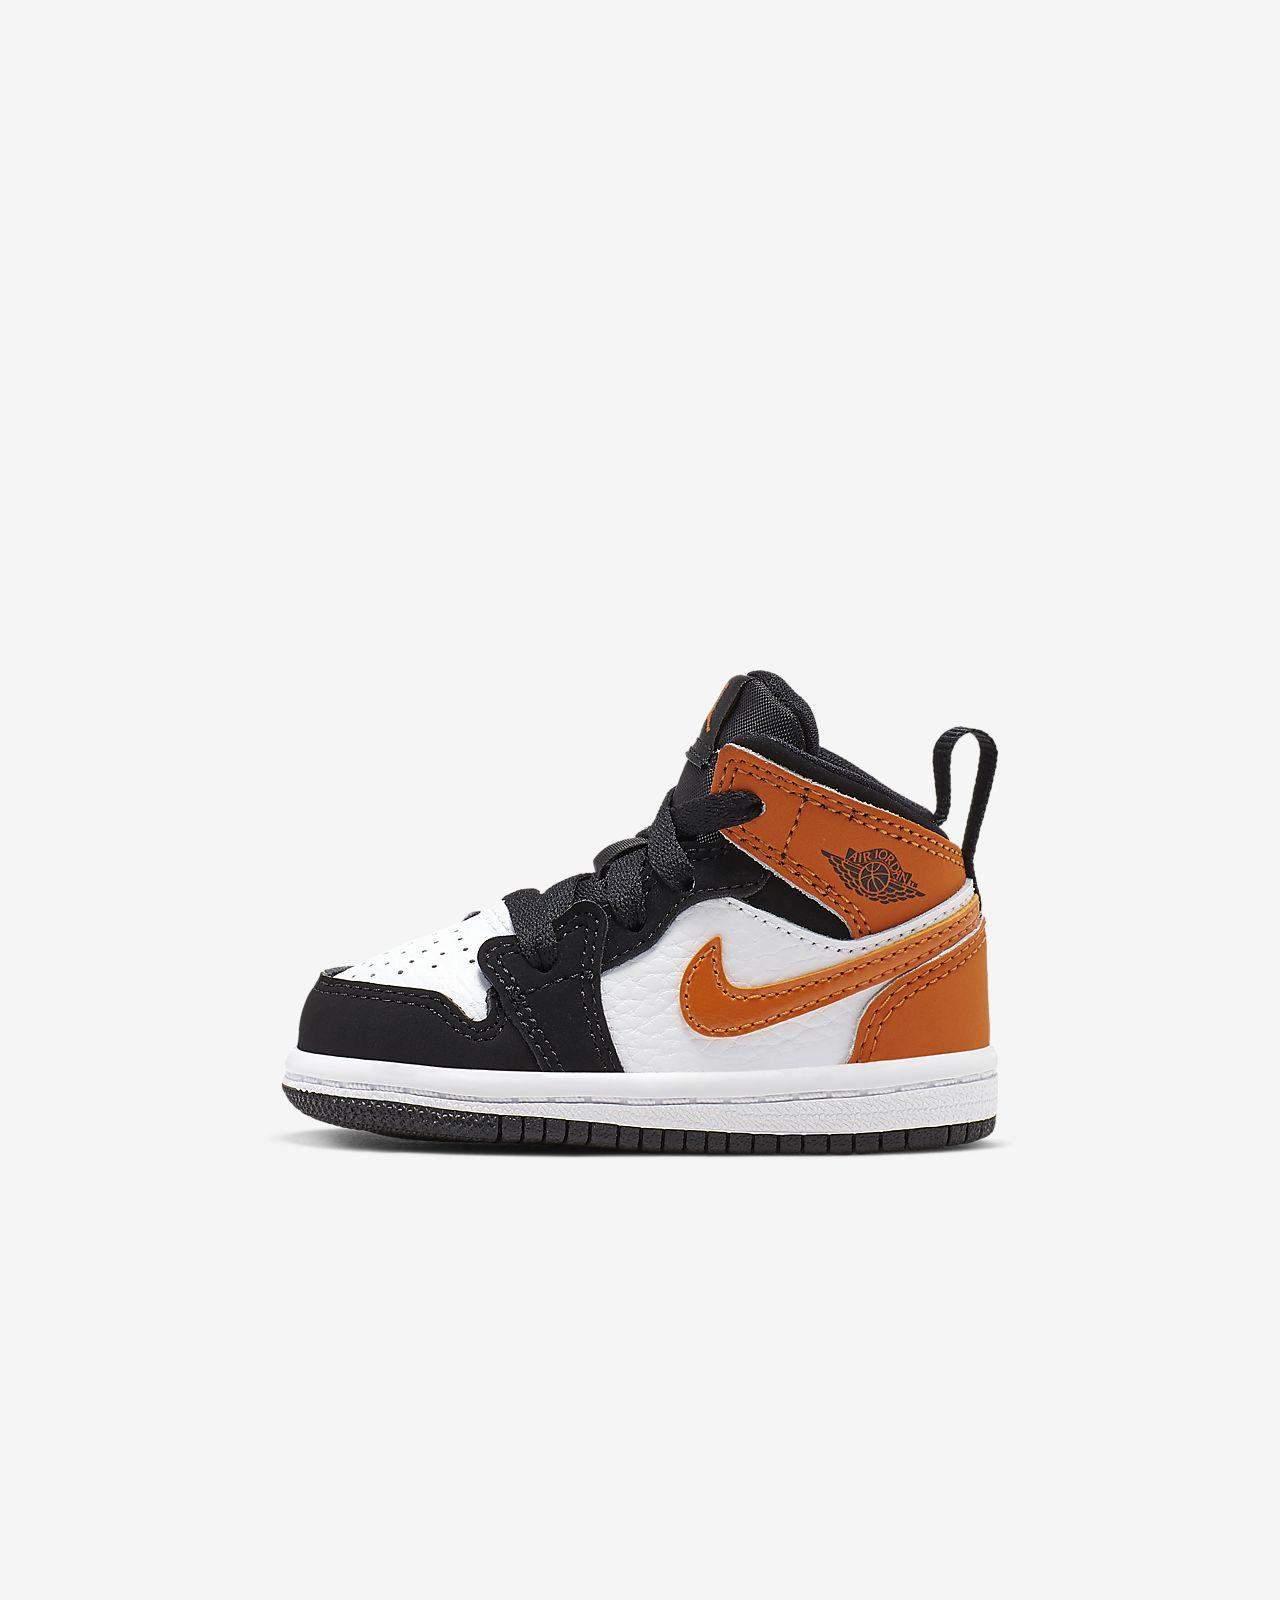 Air Jordan 1 Mid Sabatilles - Nadó i infant